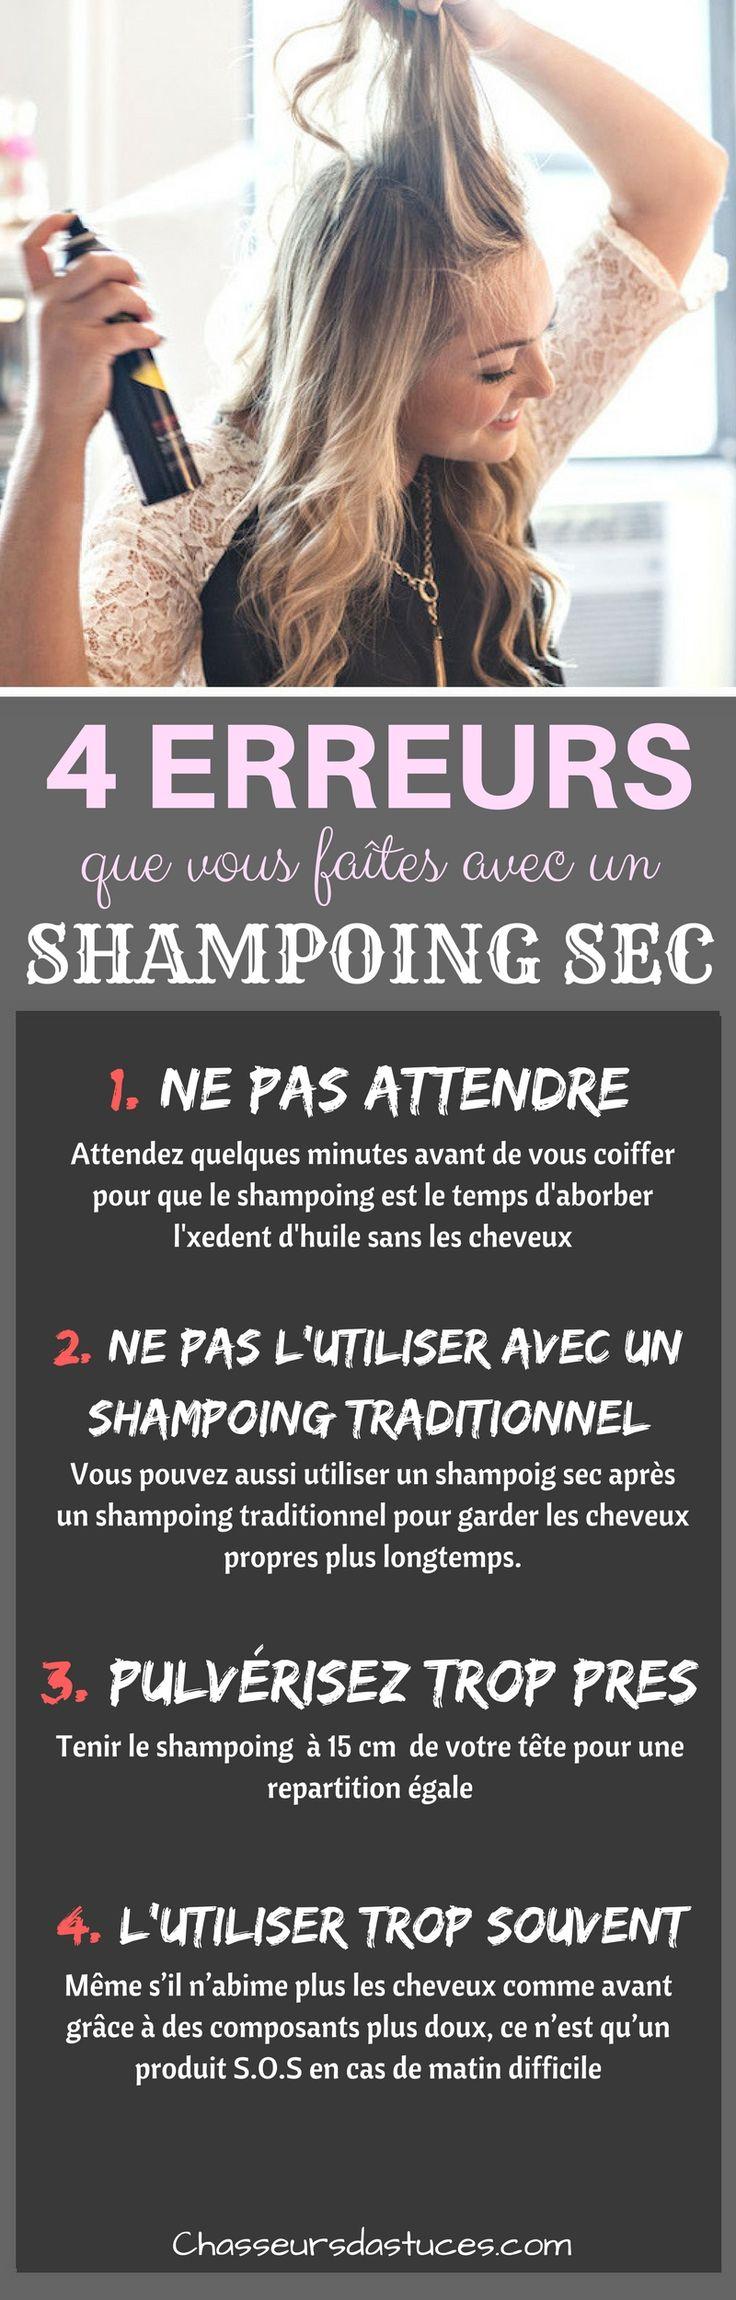 Le shampoing sec ? C'est la 8e merveille du monde ! L'idée de mettre de la poudre dans un spray pour absorber l'huile, c'est tout simplement génial. C'est une torture de se laver, de se sécher et de se coiffer les cheveux tous les jours. Le shampooing sec nous sauve de beaucoup d'heures sous la chaleur de notre sèche-cheveux.